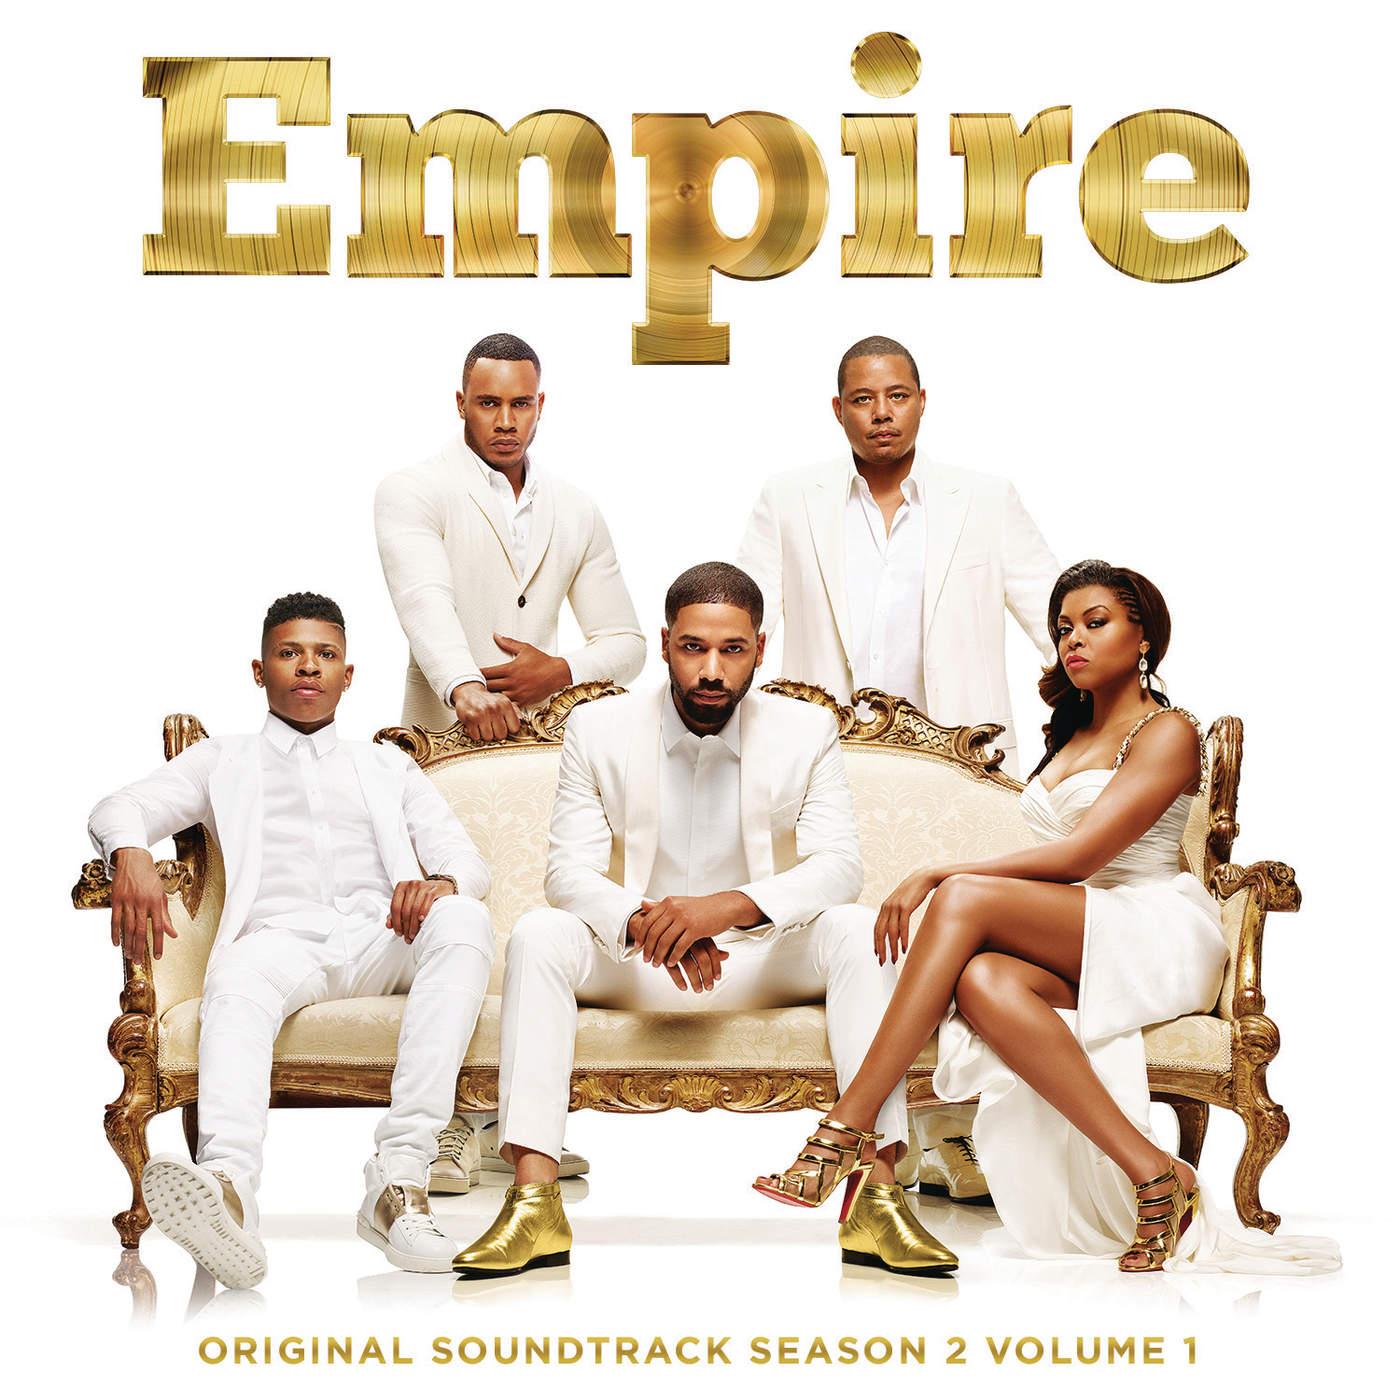 Empire Cast - Empire: Original Soundtrack, Season 2, Vol. 1 (Deluxe) Cover